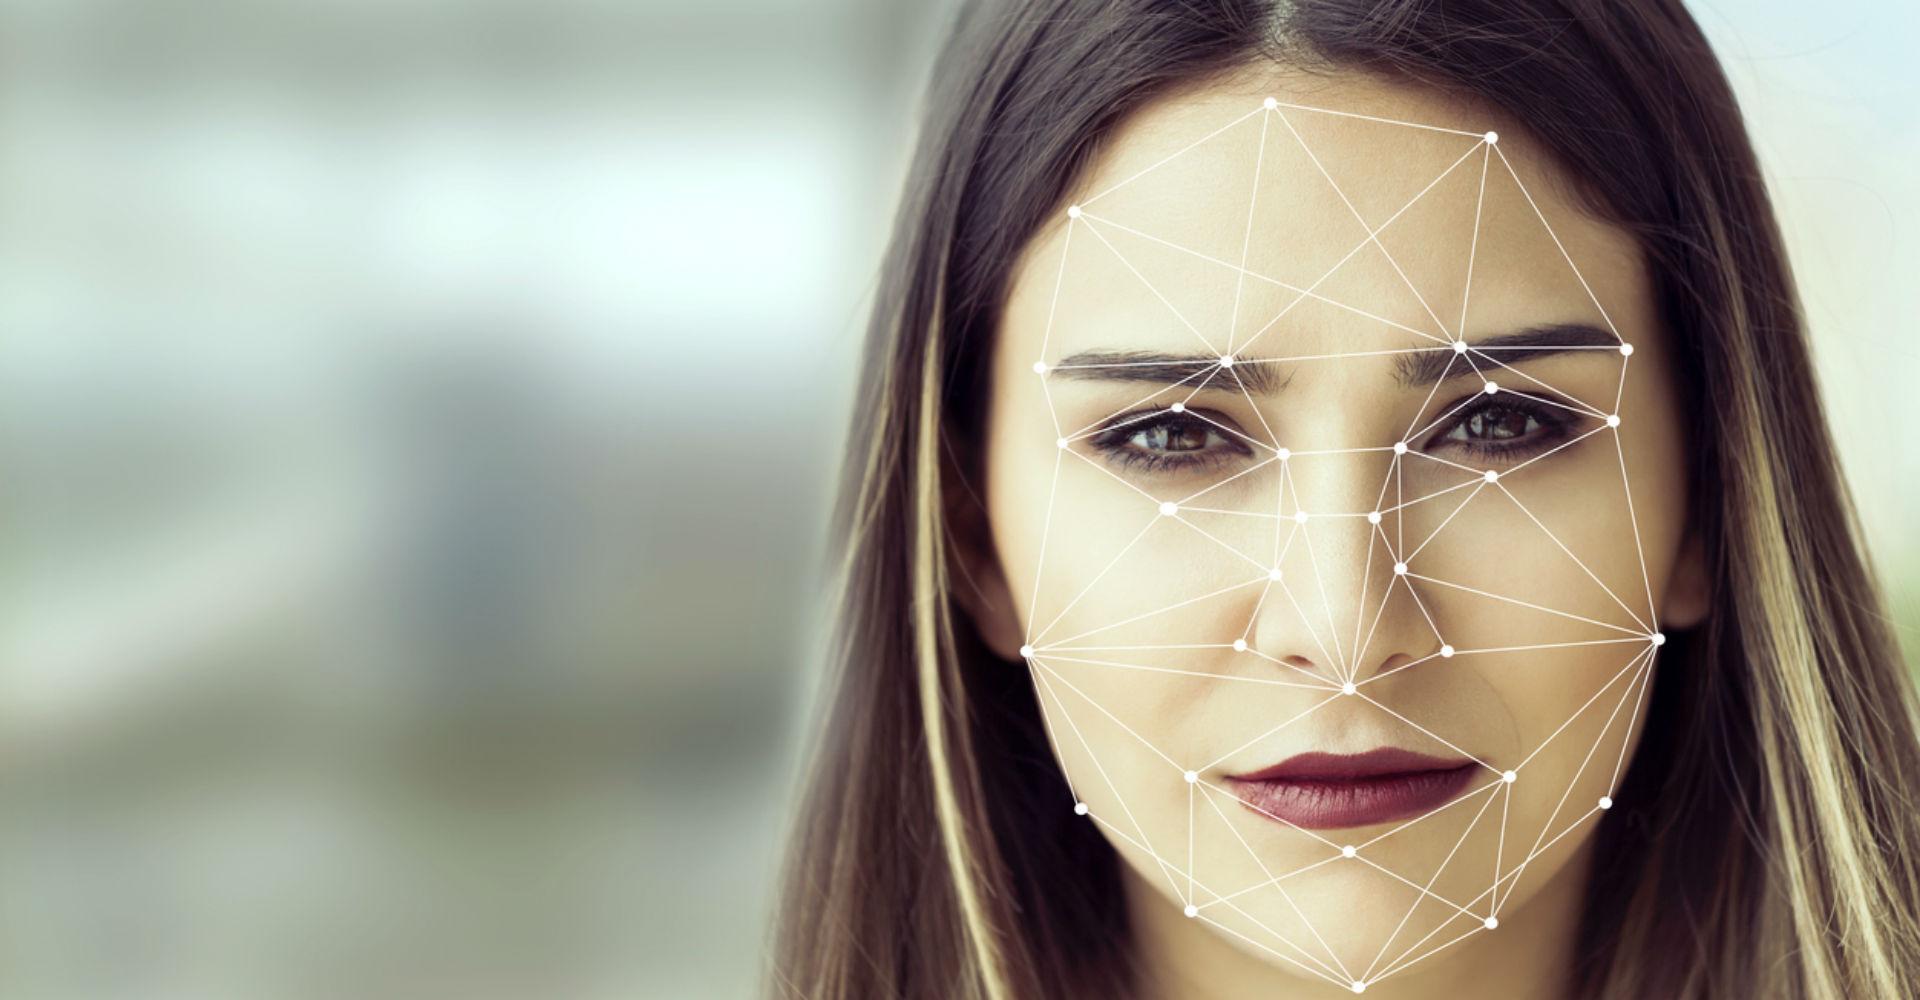 Konzept der Gesichtserkennung